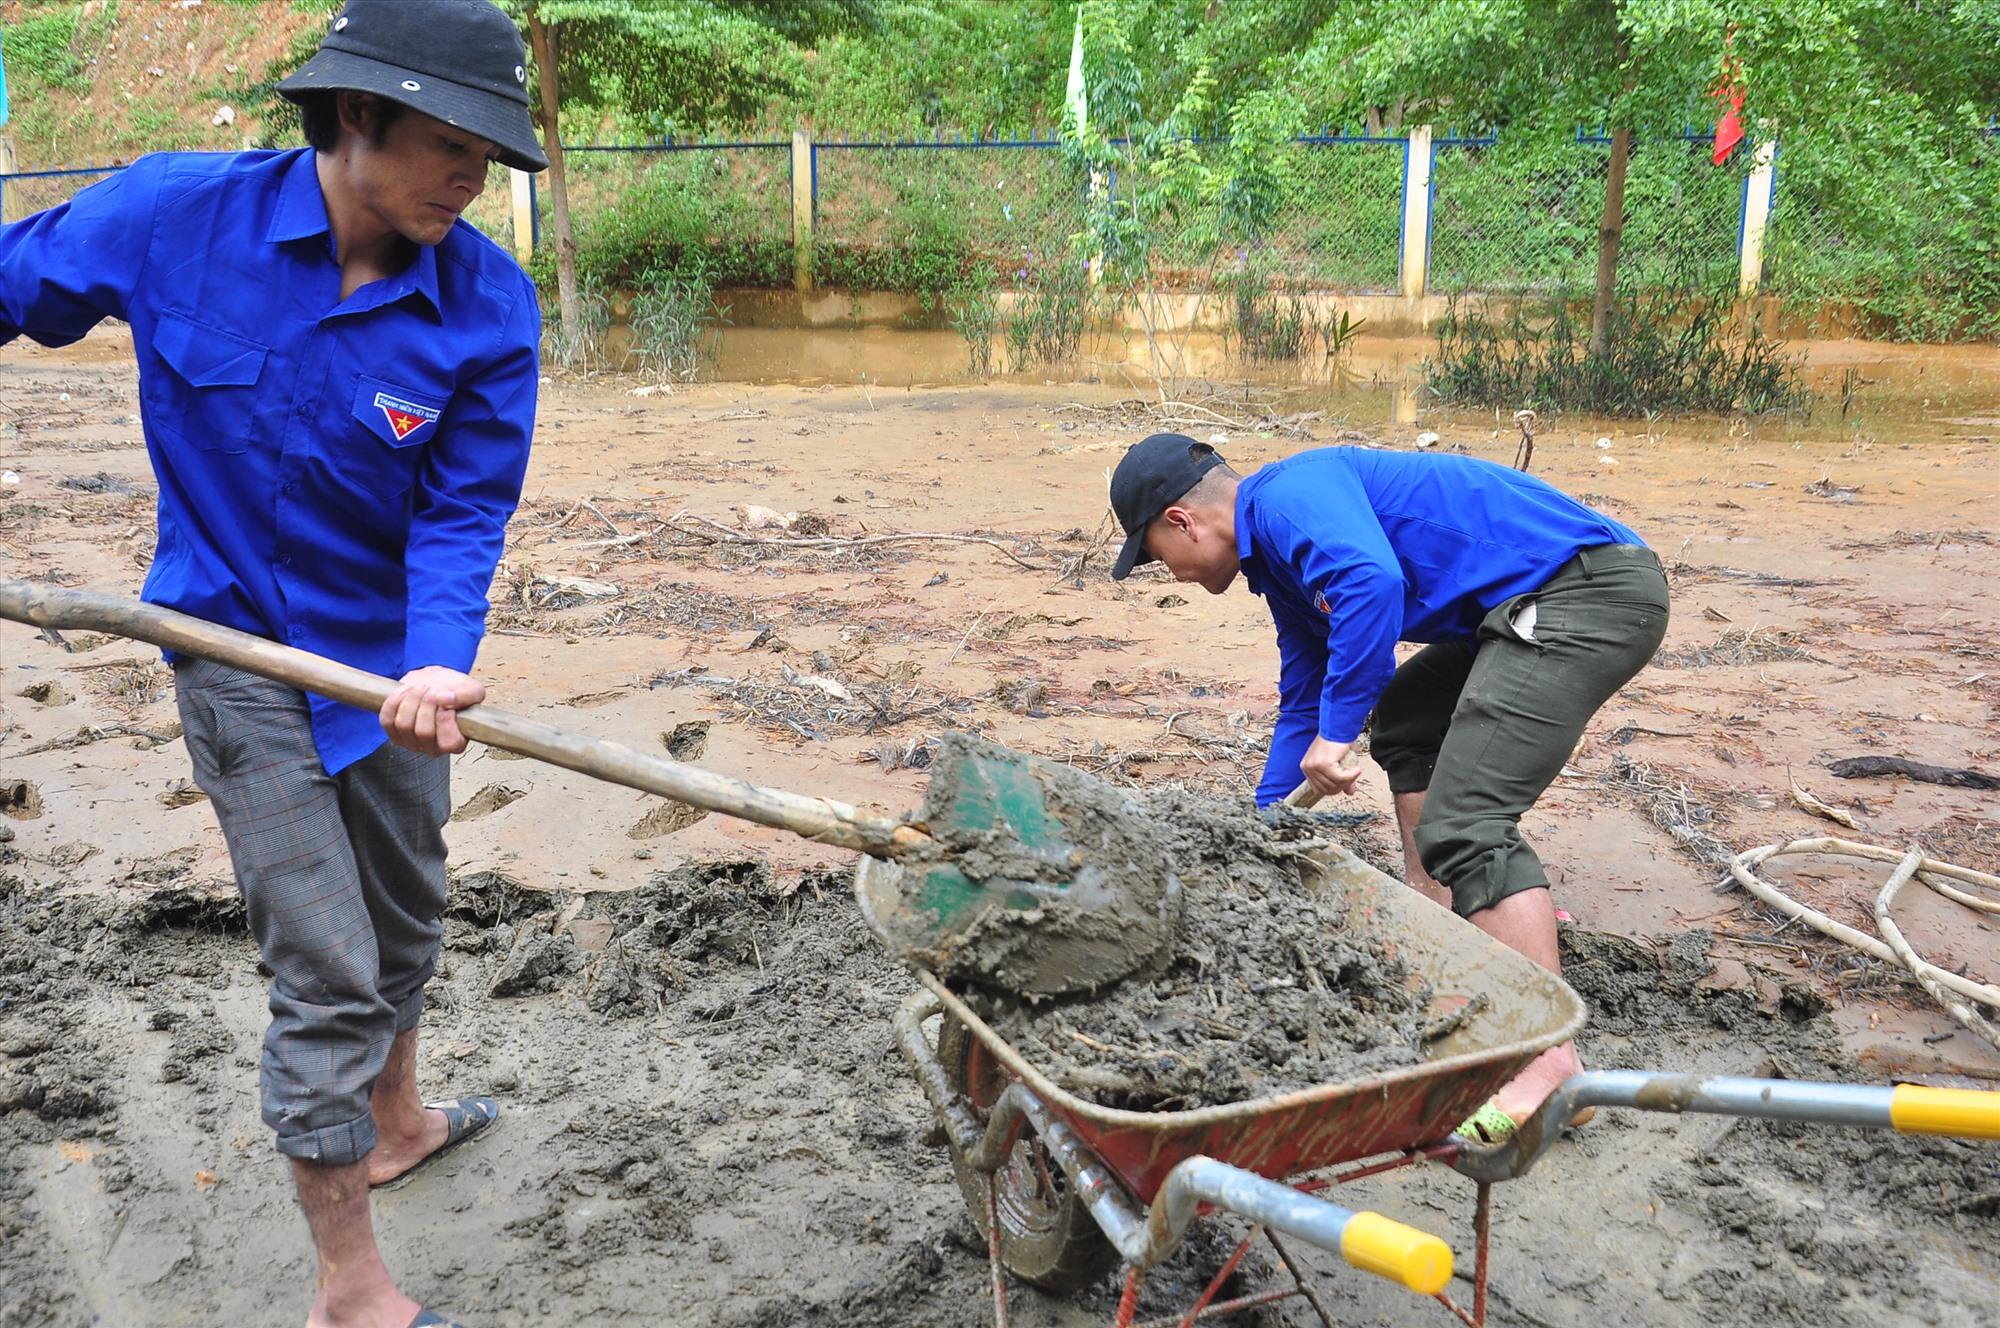 Đoàn viên thanh niên địa phương phối hợp tham gia cùng dọn vệ sinh. Ảnh: VINH ANH